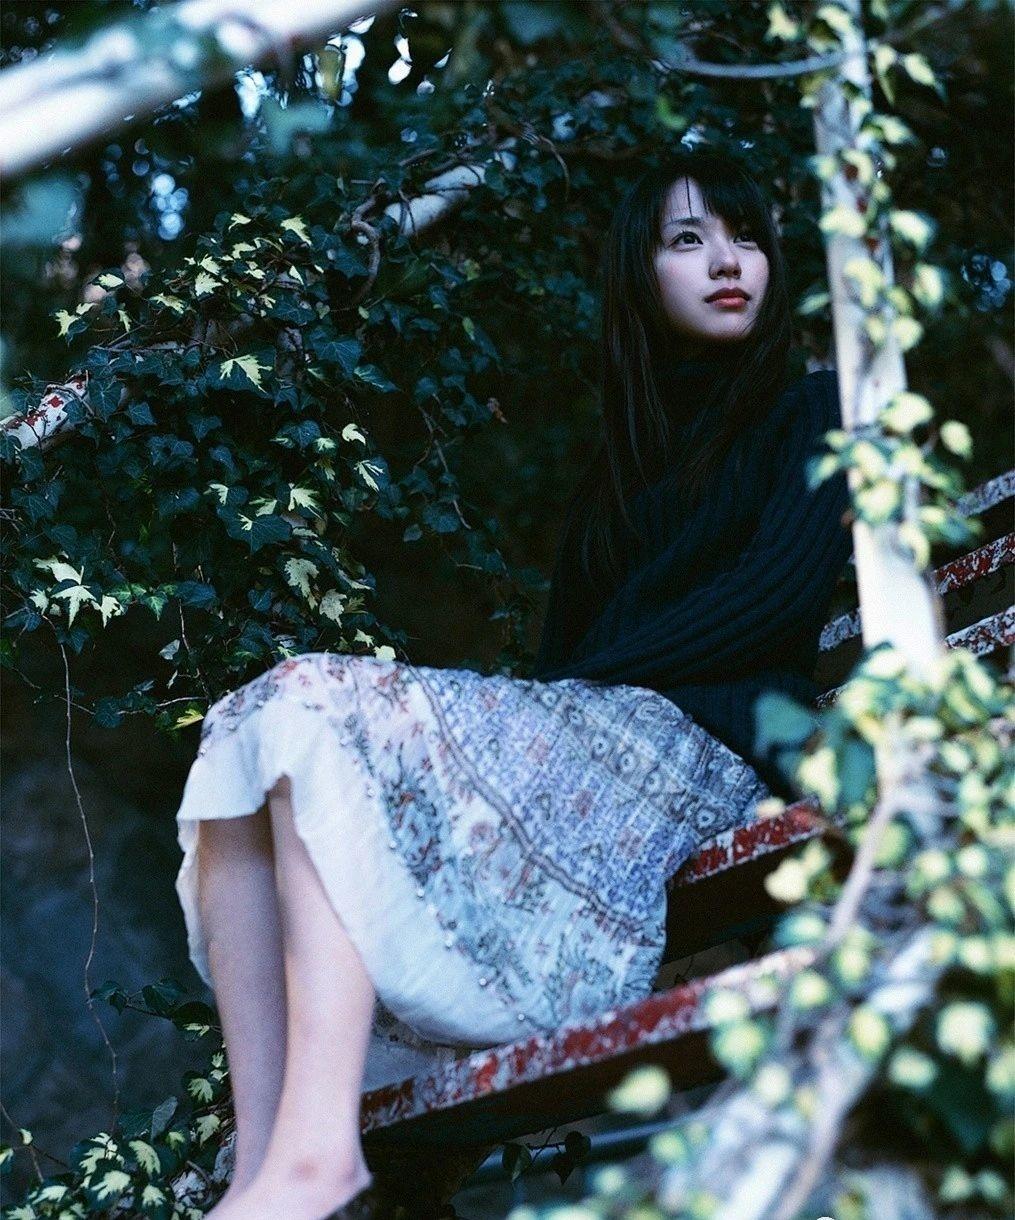 美的不可方物少女时代的户田惠梨香写真作品 (56)